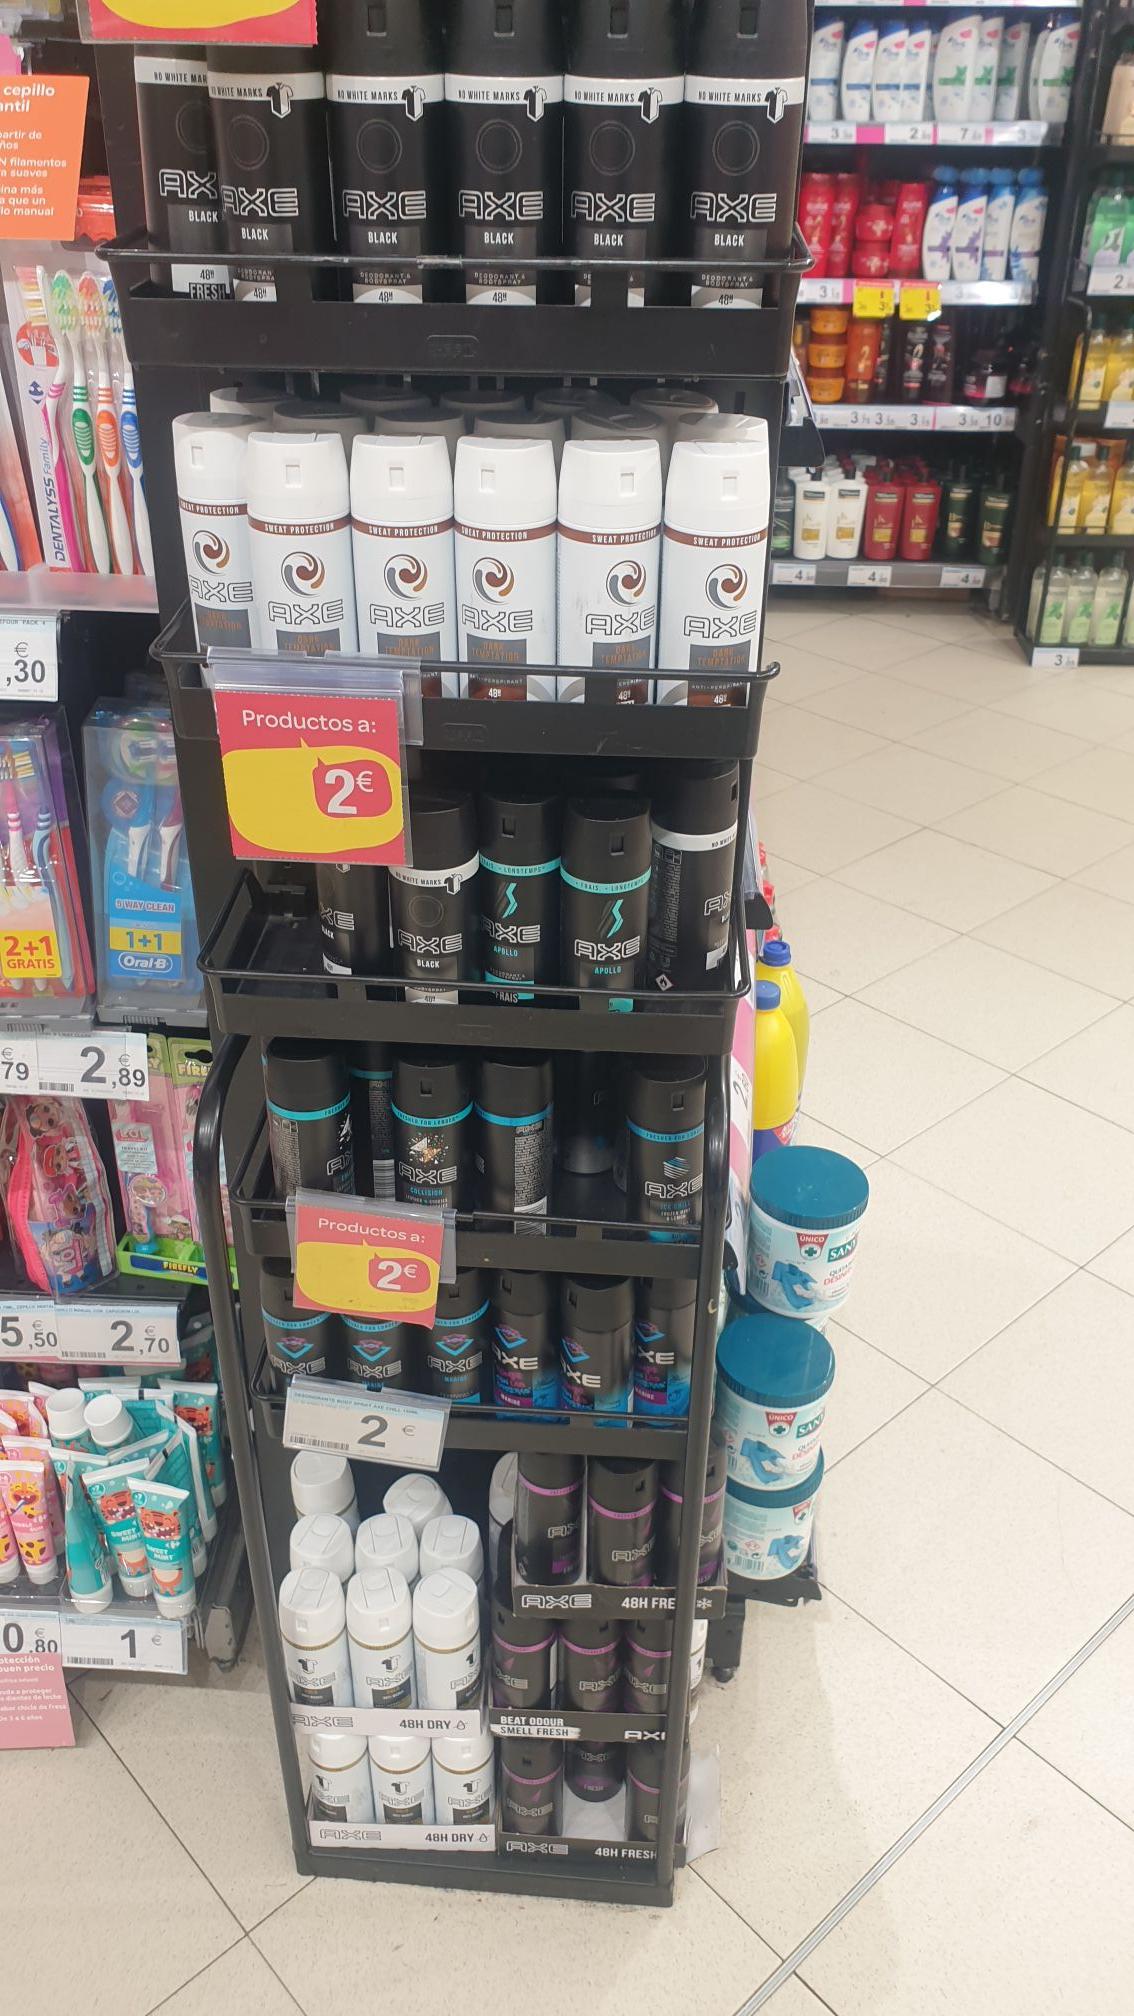 Carrefour cuatro caminos(Madrid) Desodorantes y anti-transpirantes axe a 2 euros